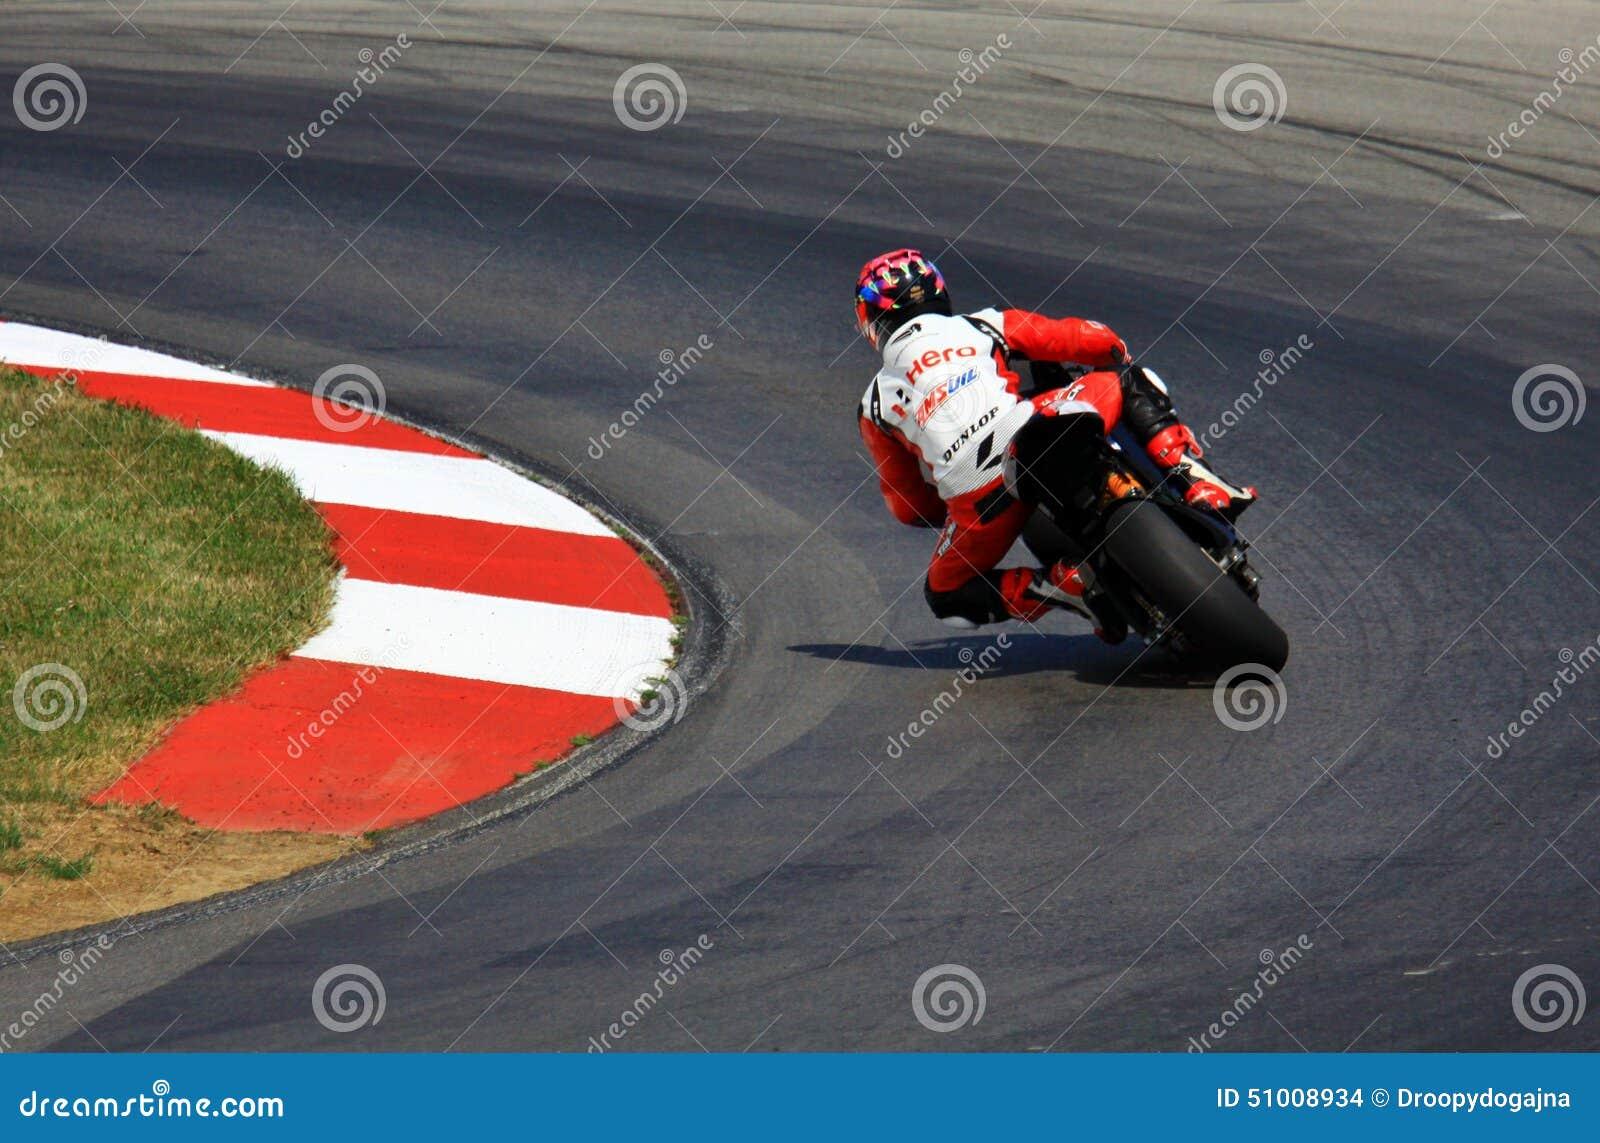 Race motorcycle team